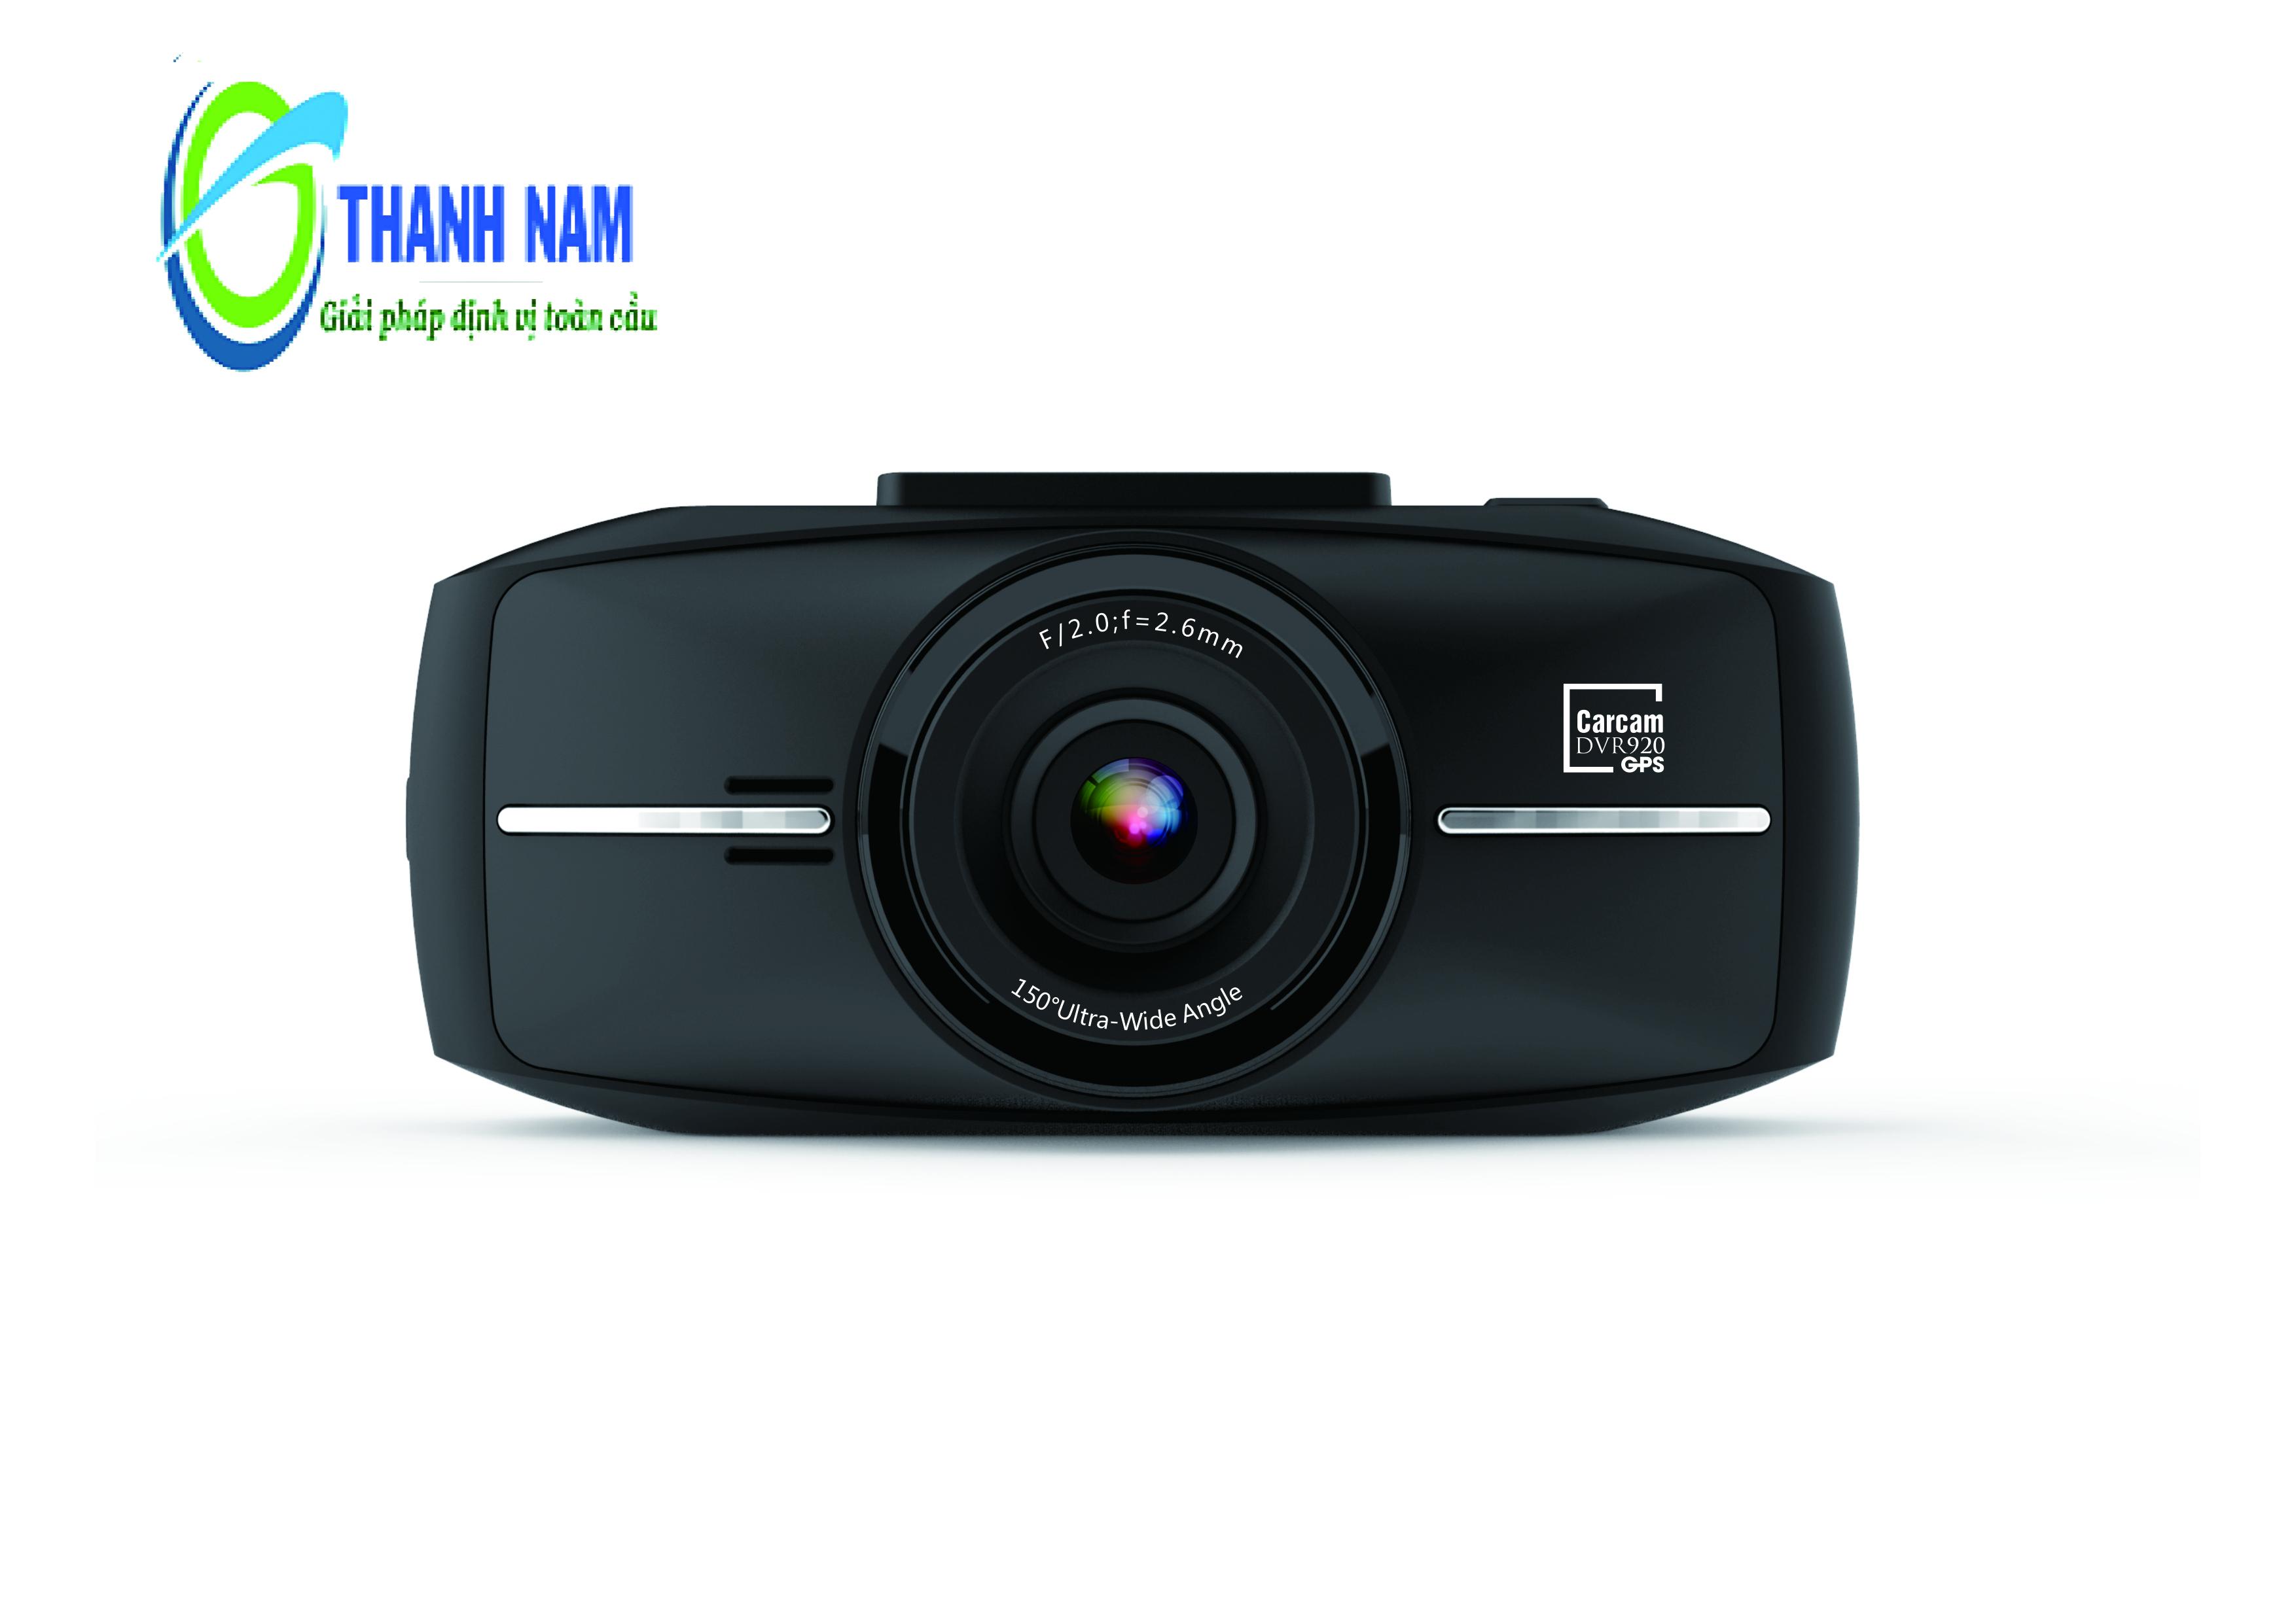 camera hành trình DVR 920 chính hãng